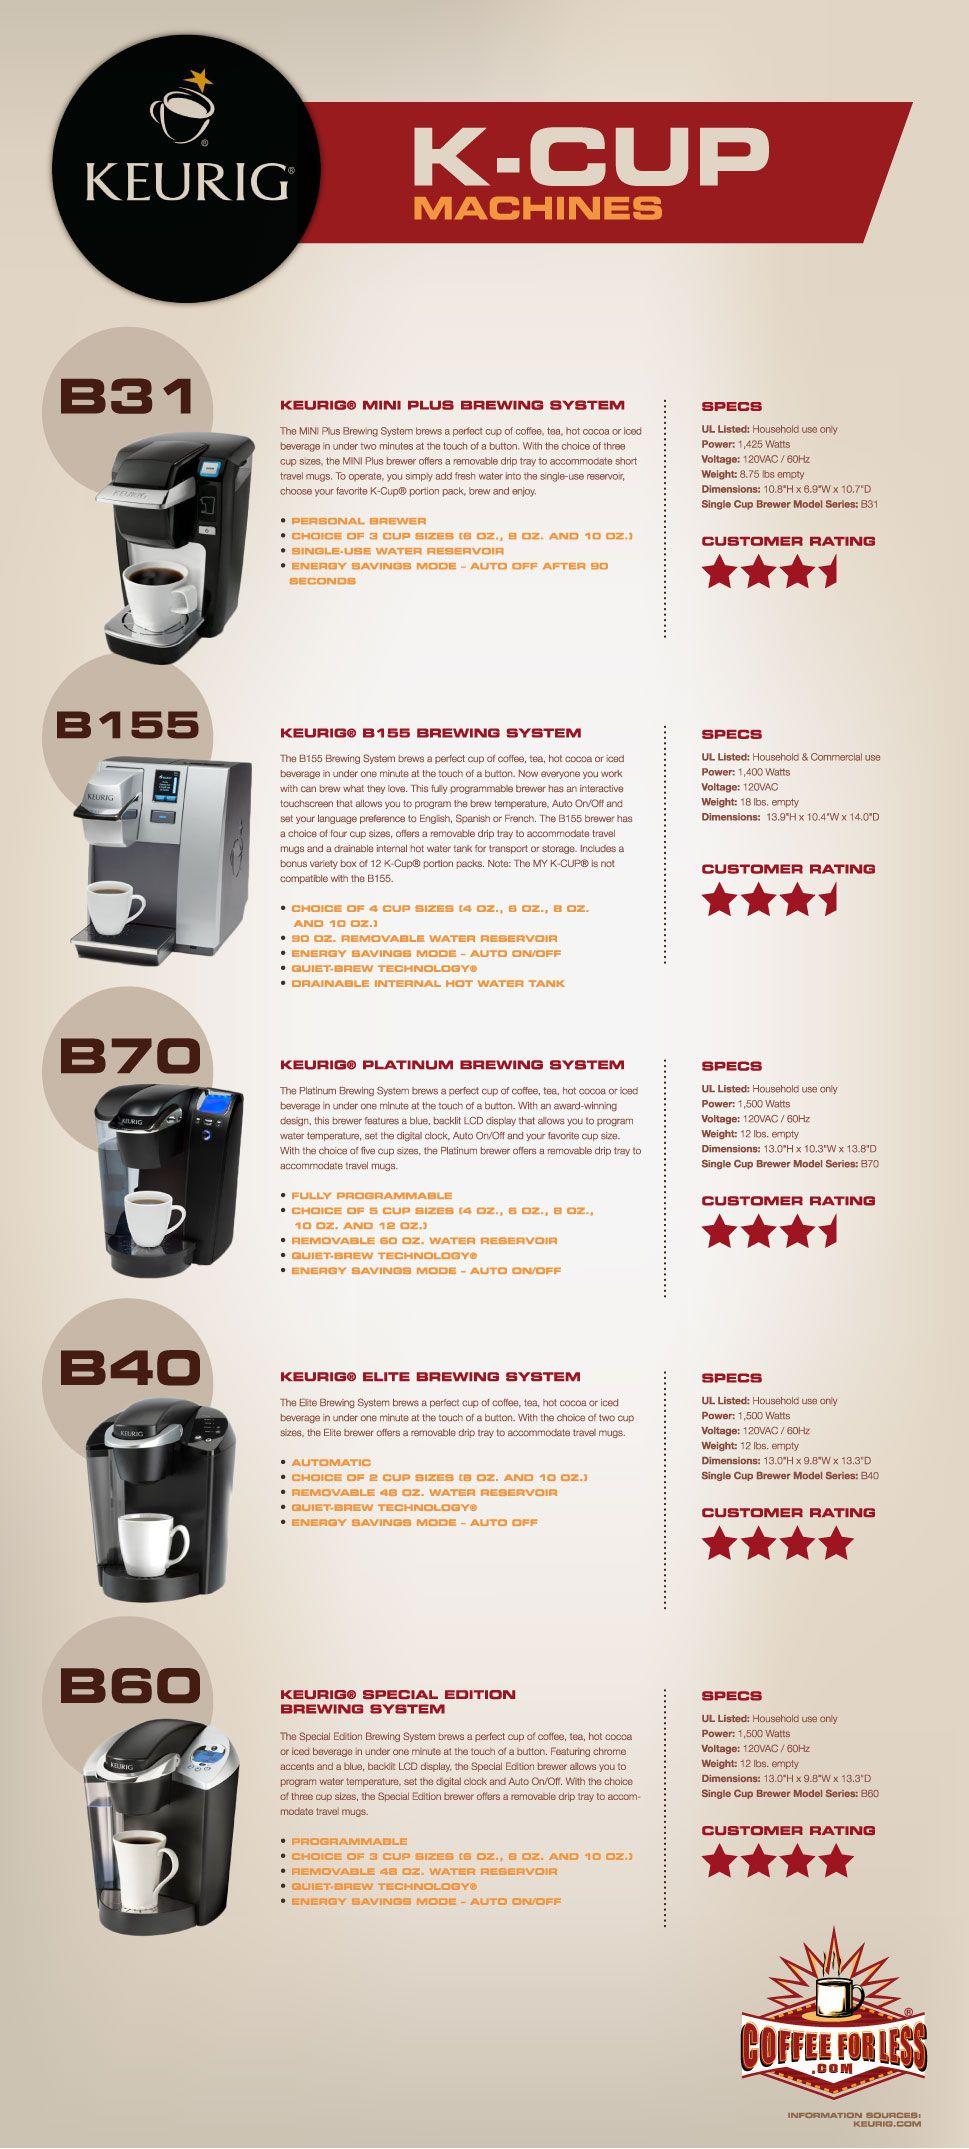 Keurig K-Cup Machines Comparison Keurig Coffee Makers Pinterest Keurig, Cups and Ground coffee